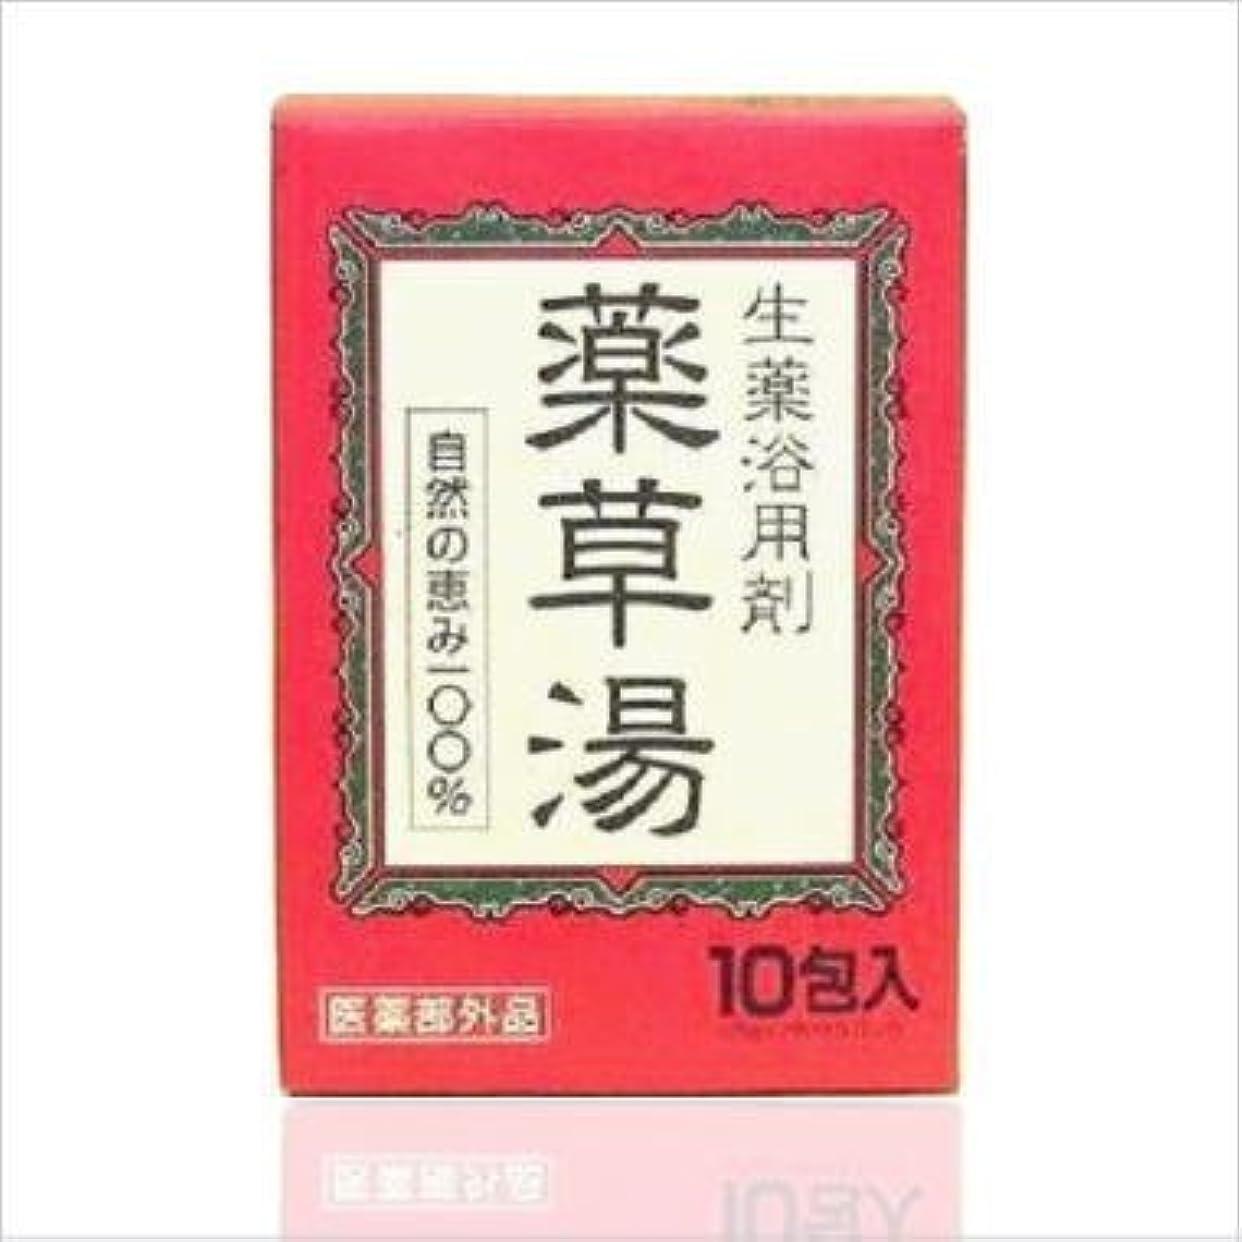 ライオンケミカル 生薬浴用剤 薬草湯 10包 x 24個セット